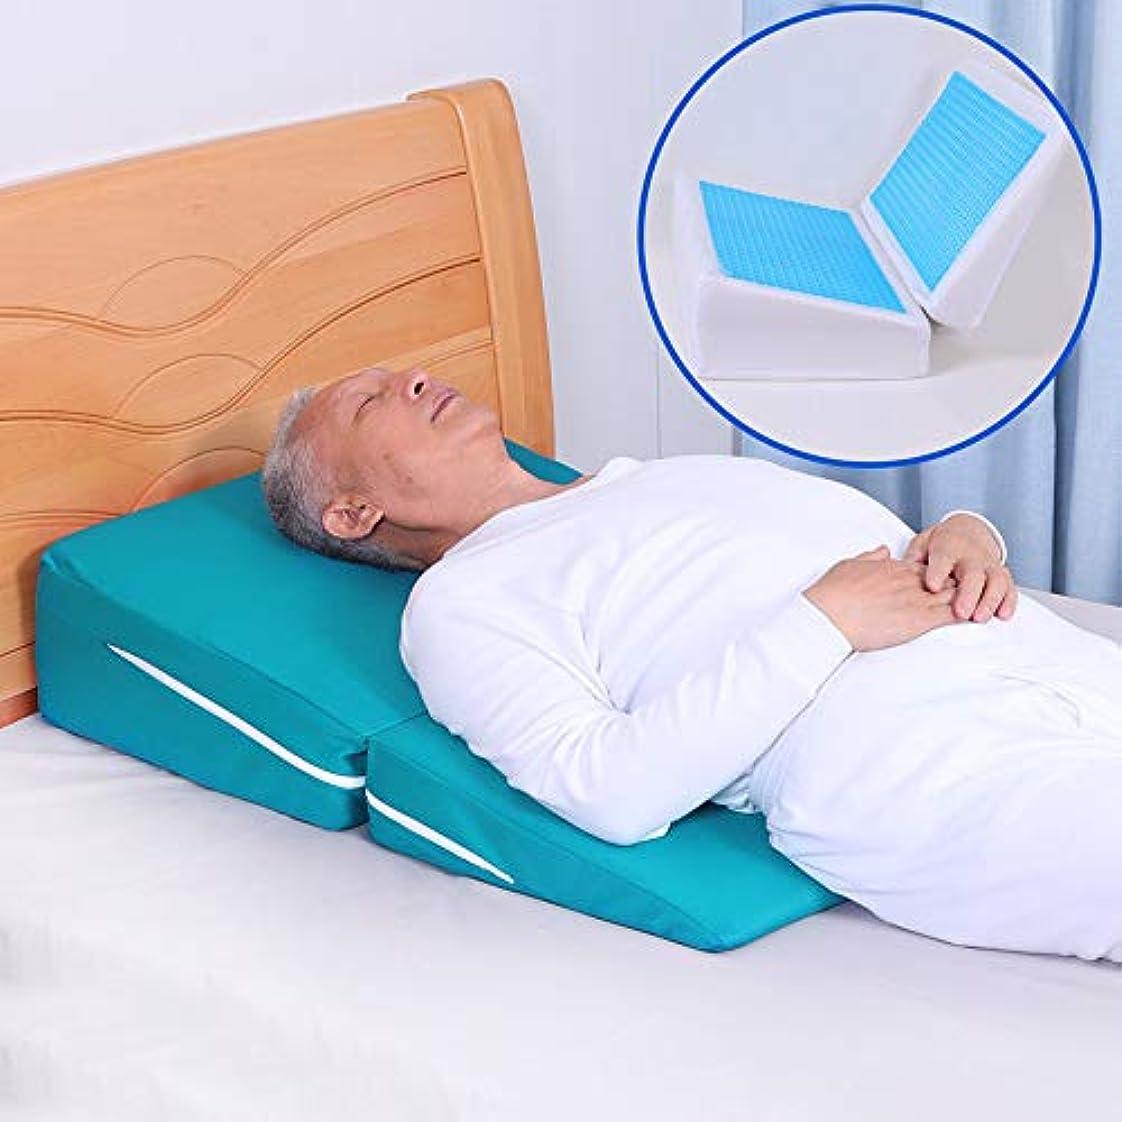 一次あいにくエンゲージメントいびき防止、ハートバーン、読書、腰痛、腰痛のための折りたたみ式メモリフォームベッドウェッジピロー-取り外し可能なカバー付きインクラインクッション